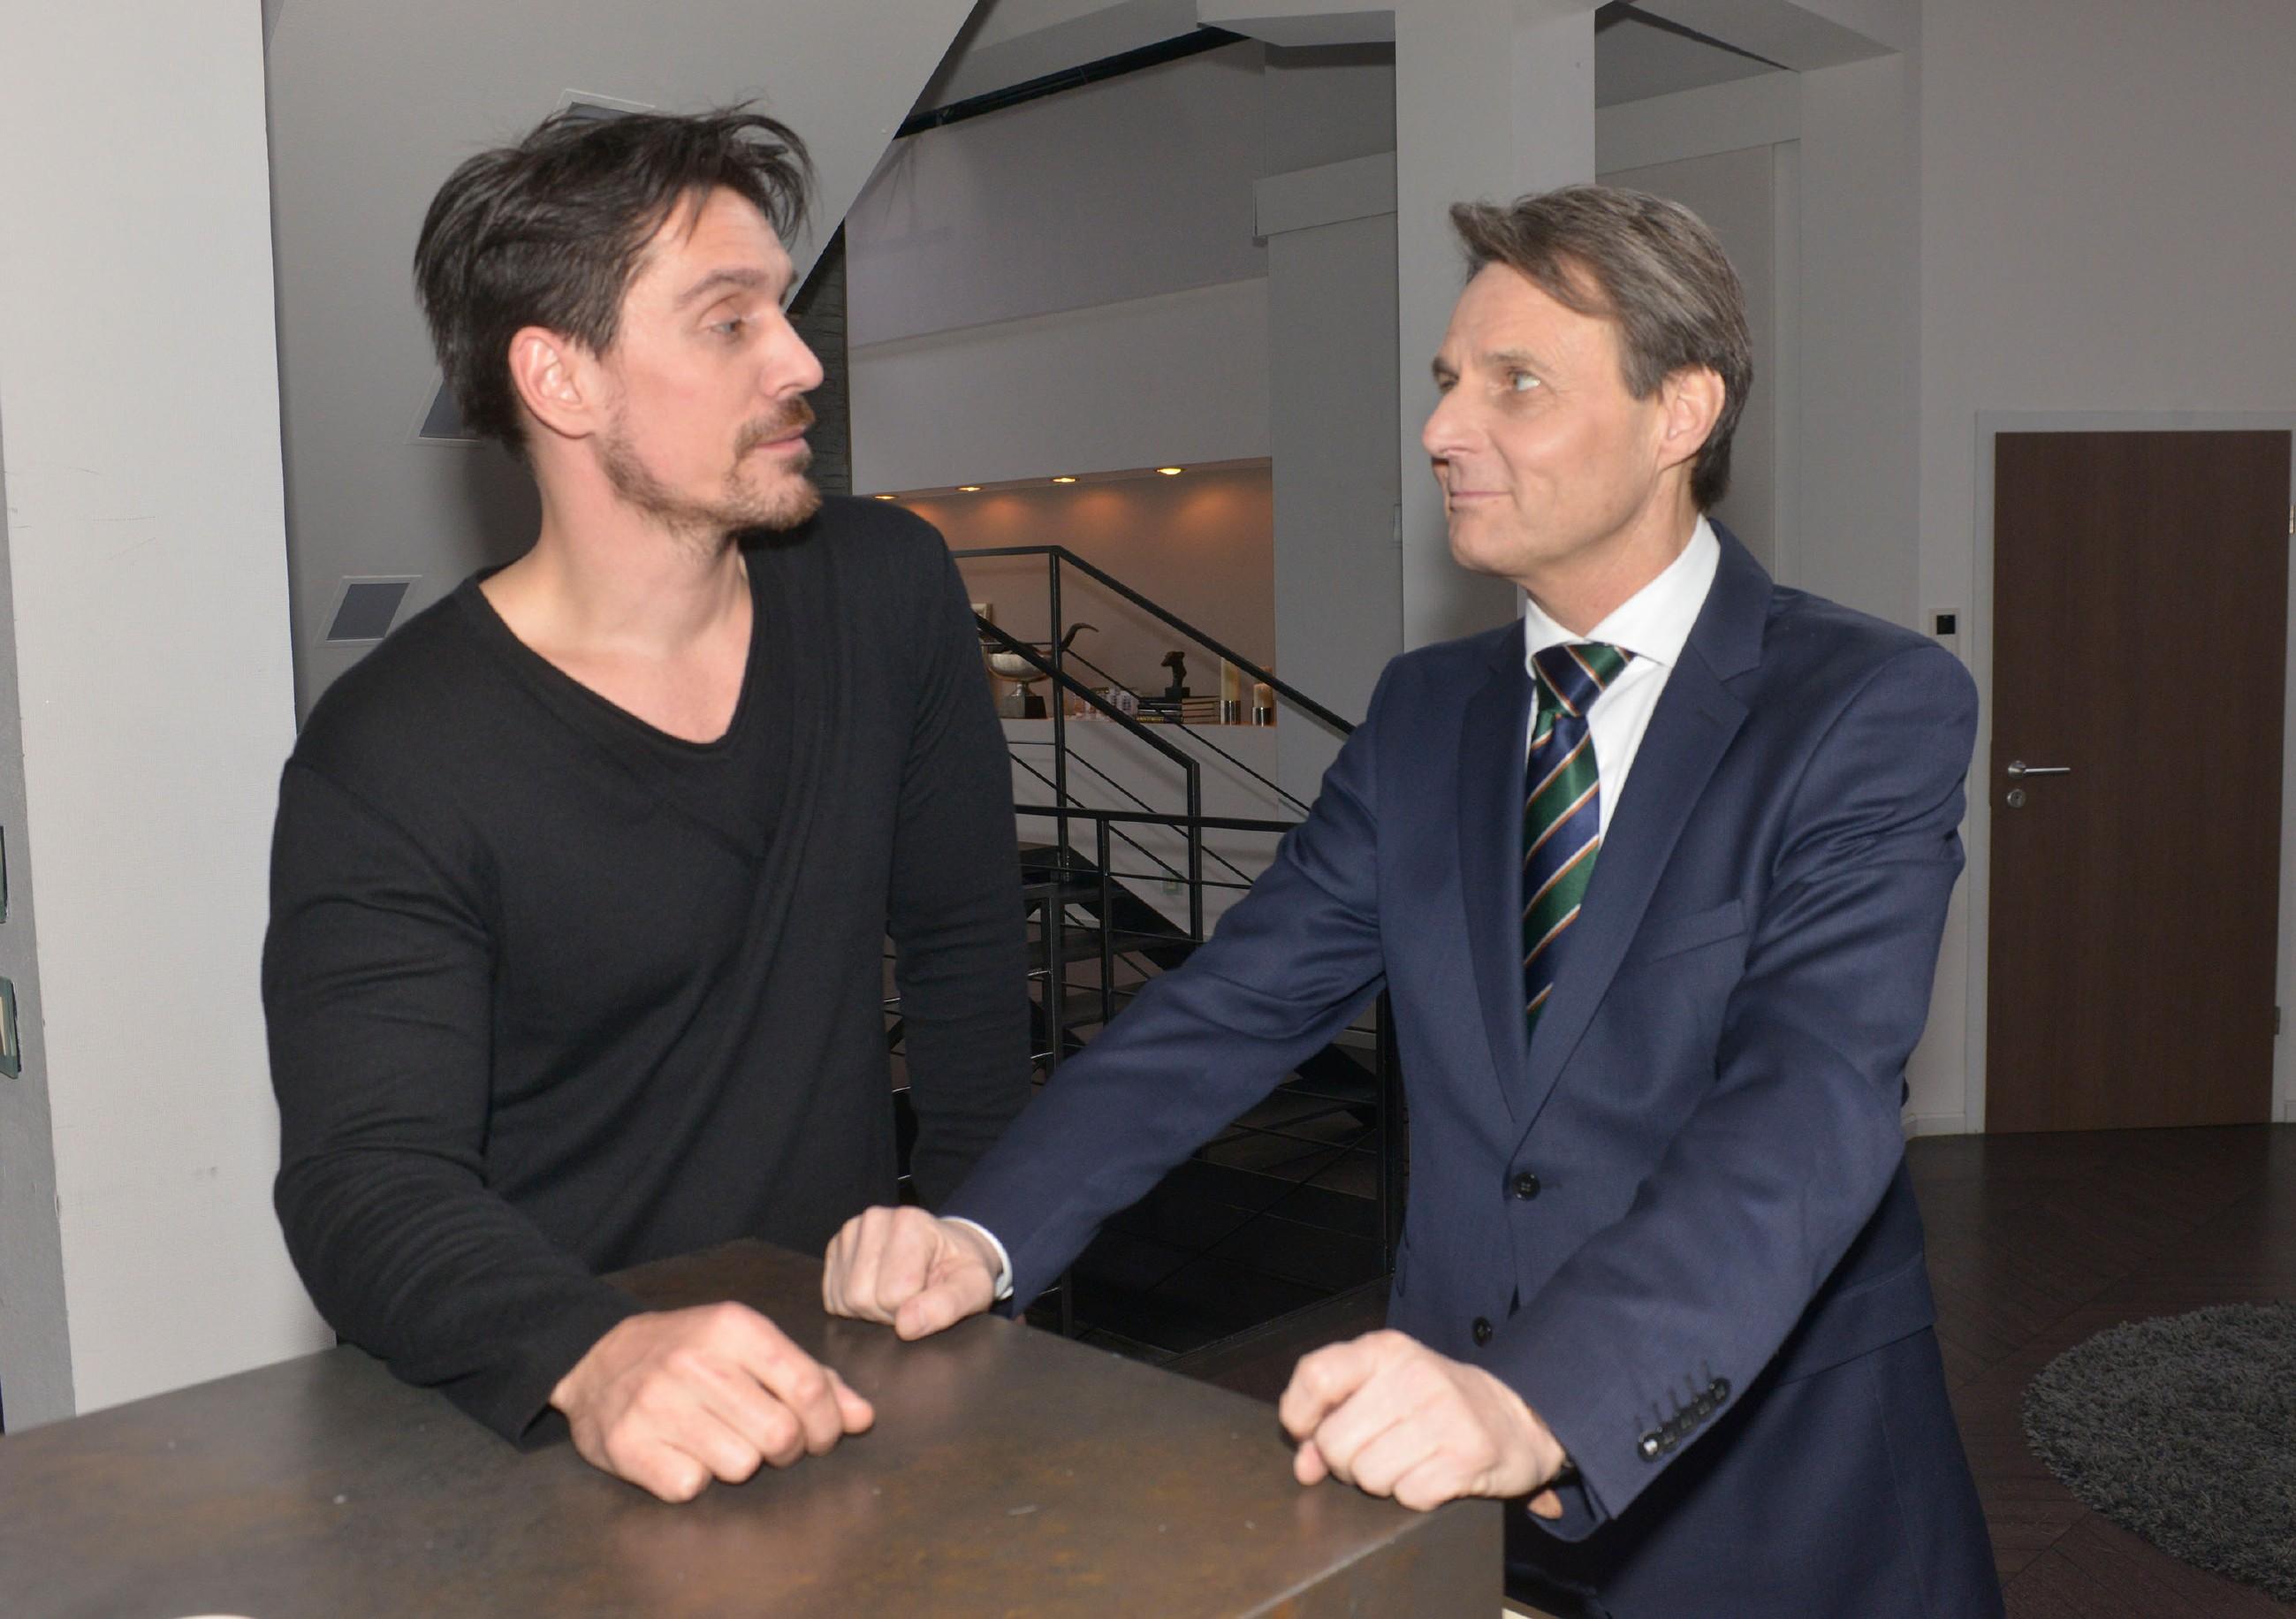 Nach seiner Rückkehr aus Malaysia lässt David (Philipp Christopher, l.) sich seinen Hass auf Gerner (Wolfgang Bahro) nicht anmerken, der hingegen den Besorgten mimt. (Quelle: RTL / Rolf Baumgartner)